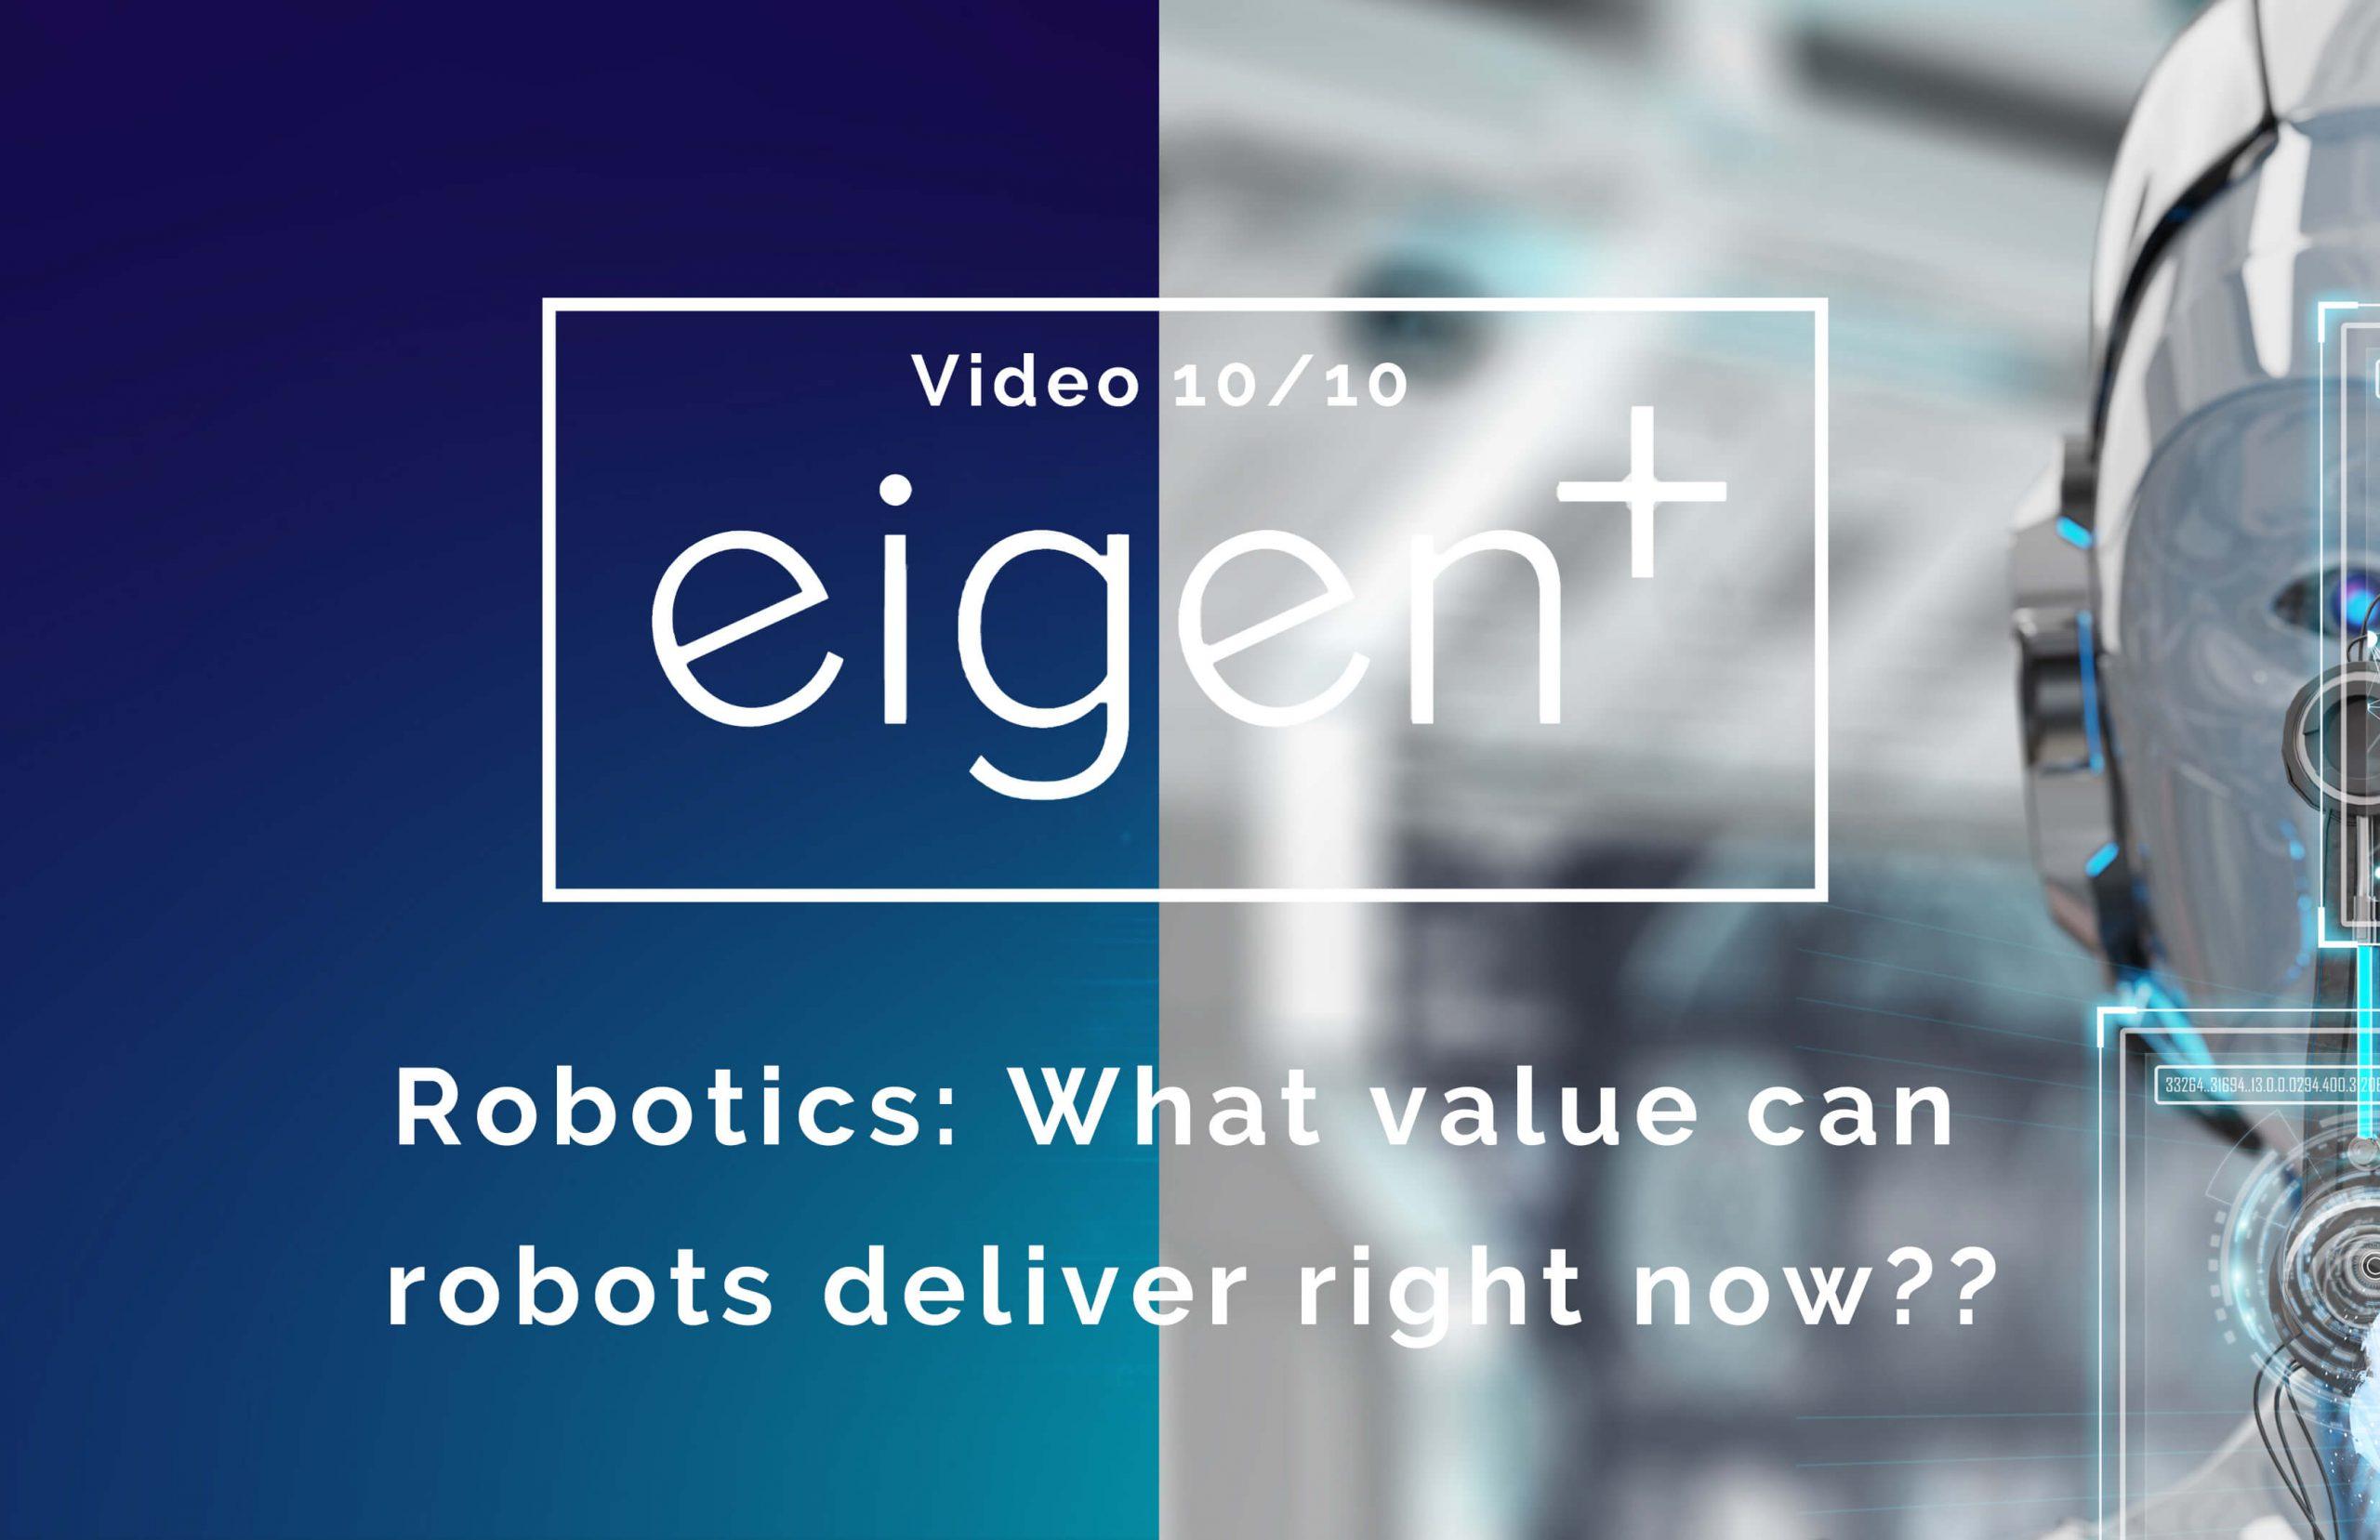 roboticsvideo10